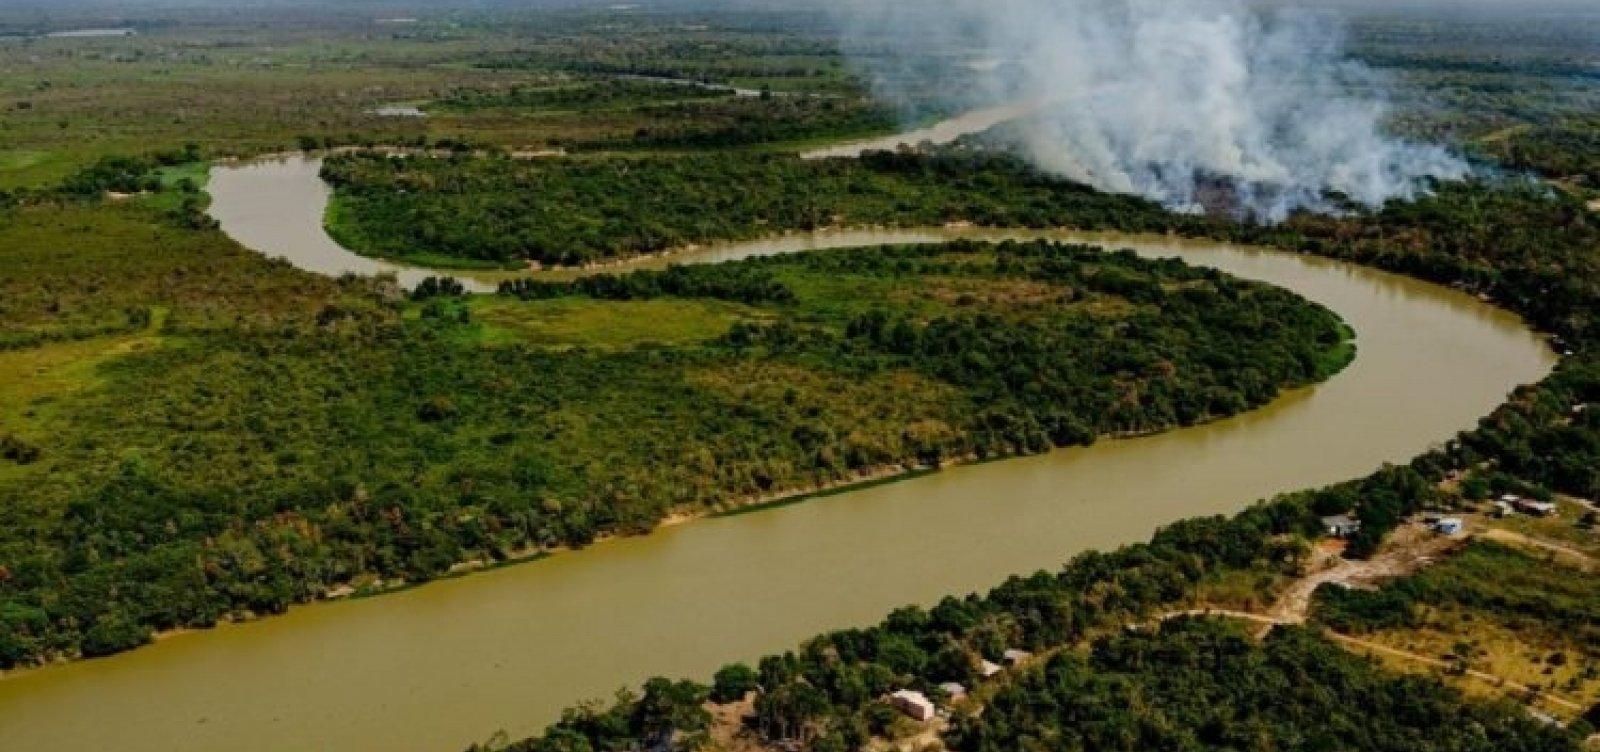 Incêndio no Pantanal já atinge 45% de área do MT com maior concentração de onças-pintadas no mundo